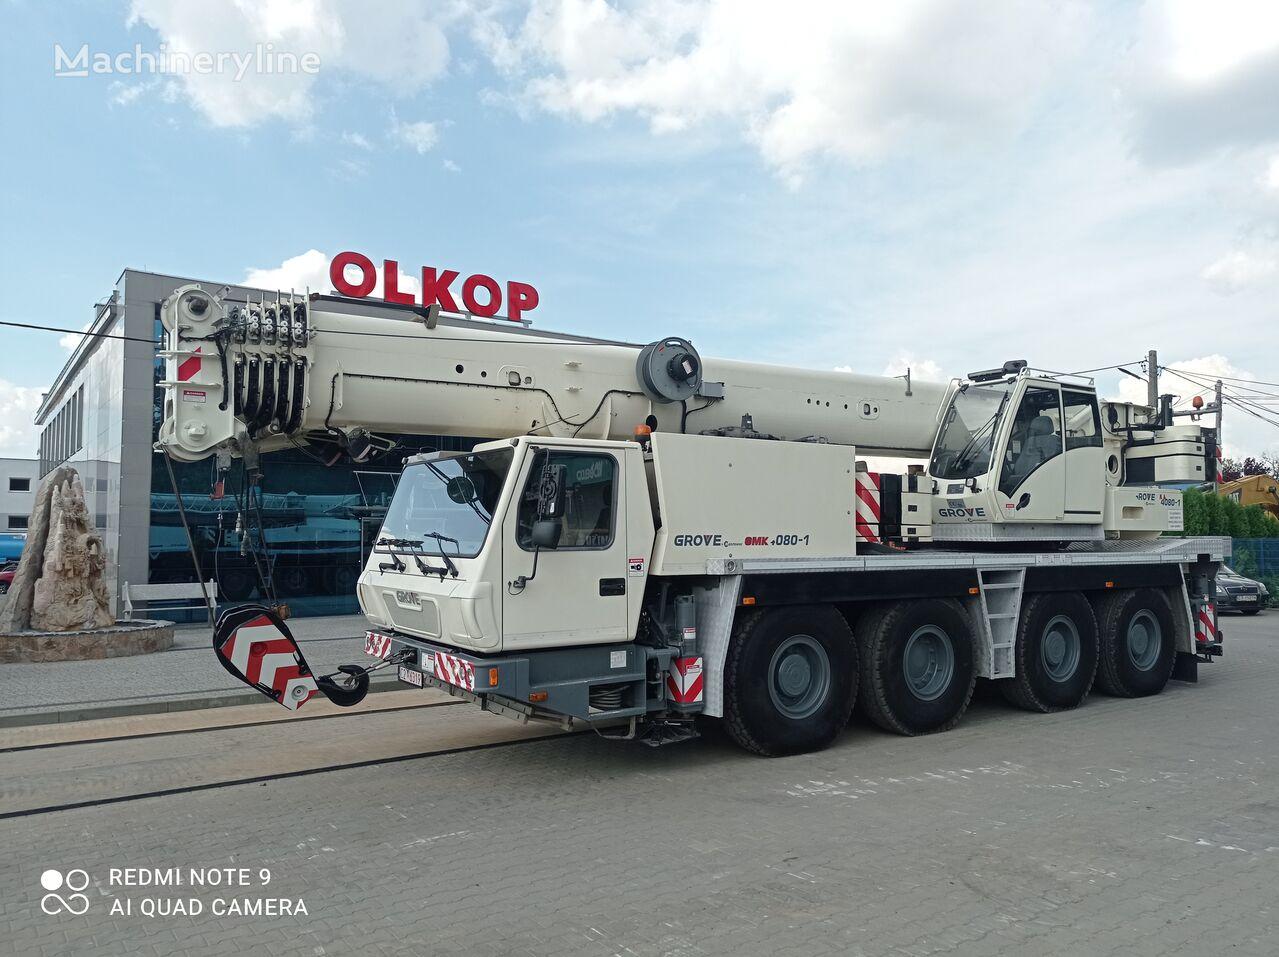 شاحنة رافعة GROVE GMK 4080-1